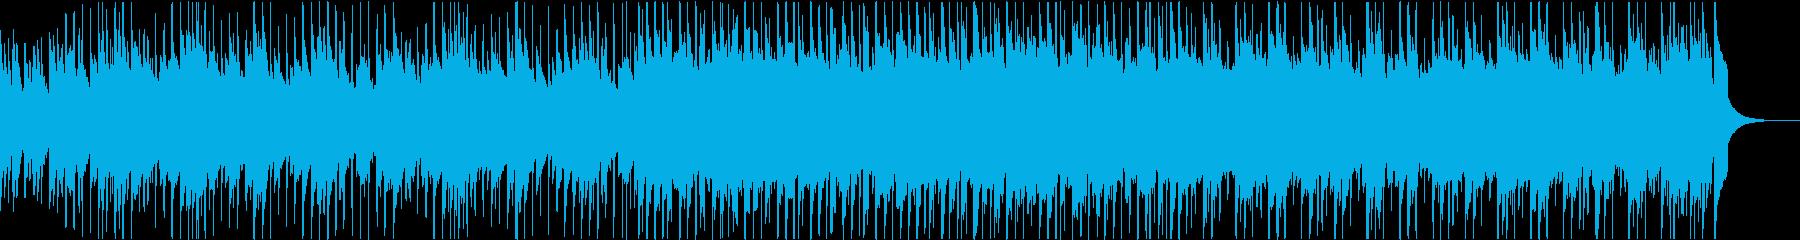 和風の軽快で爽やかな四つ打ちポップスの再生済みの波形